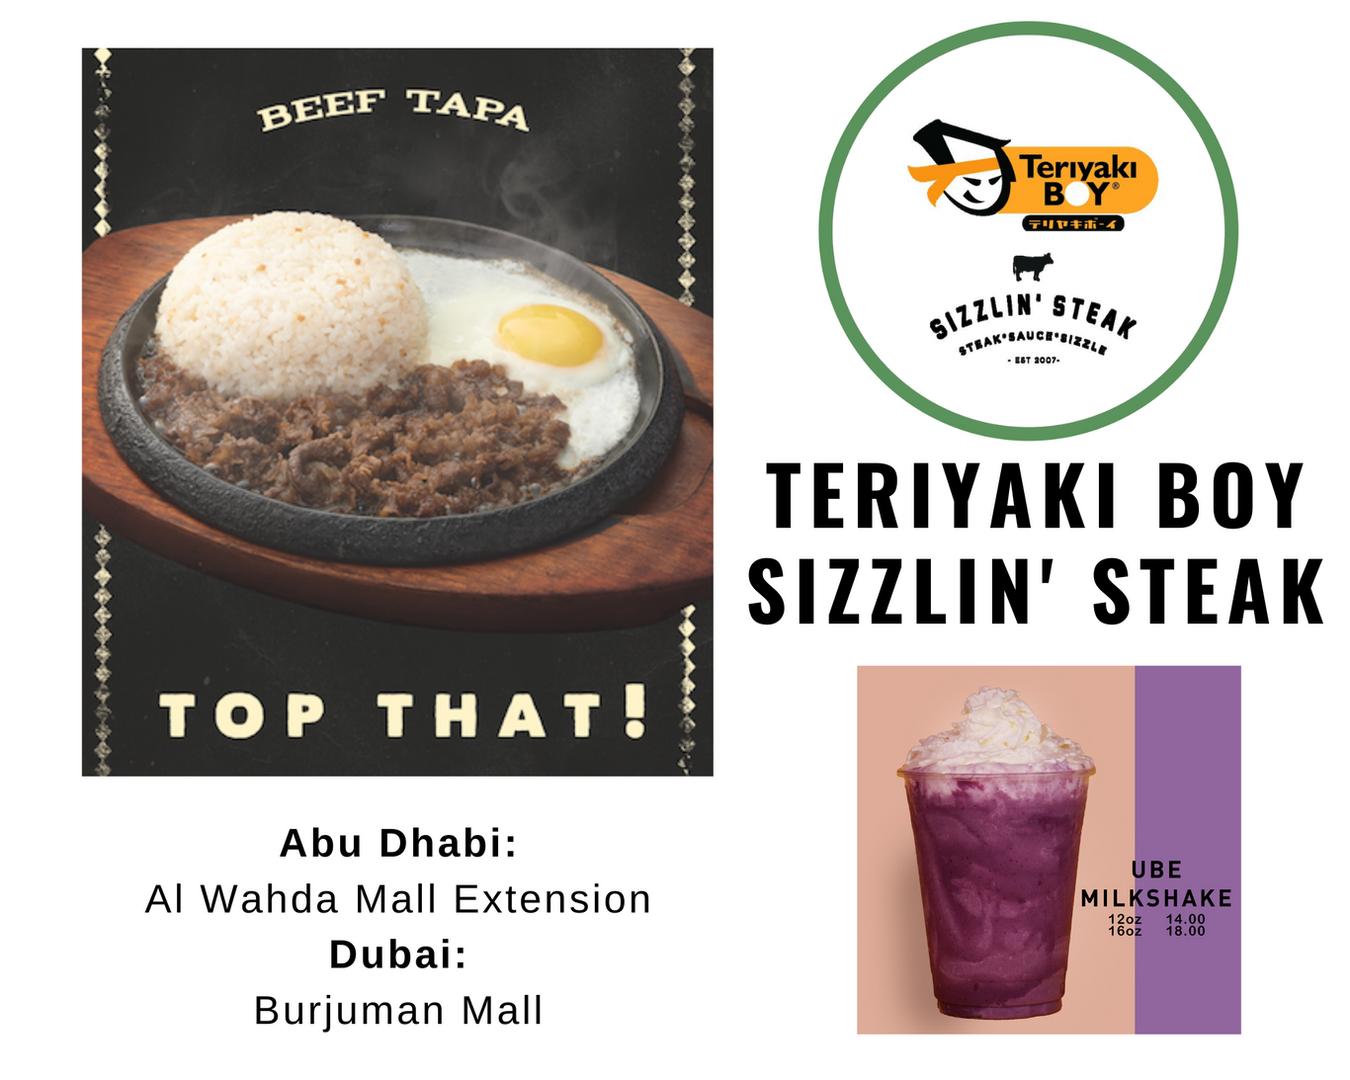 Teriyaki Boy Sizzlin Steak